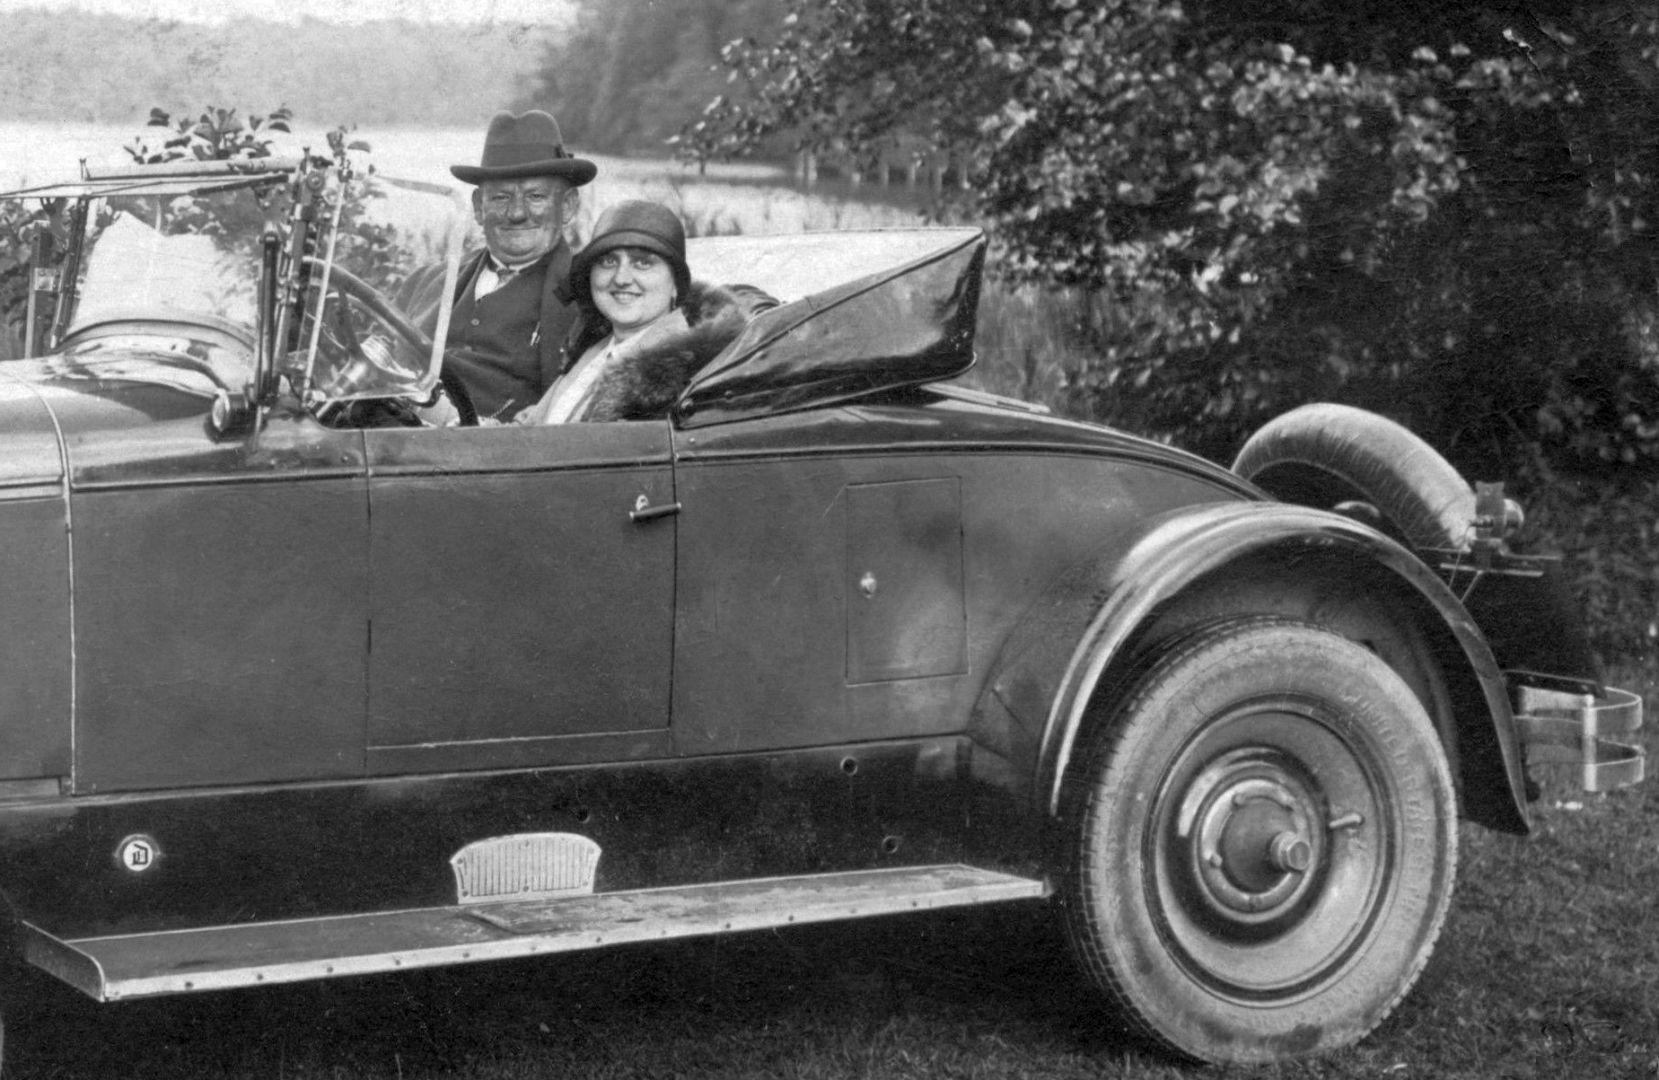 Chandler_Roadster_1926-27_Pk_Ahlbeck-Berlin_08-1928_Seitenpartie